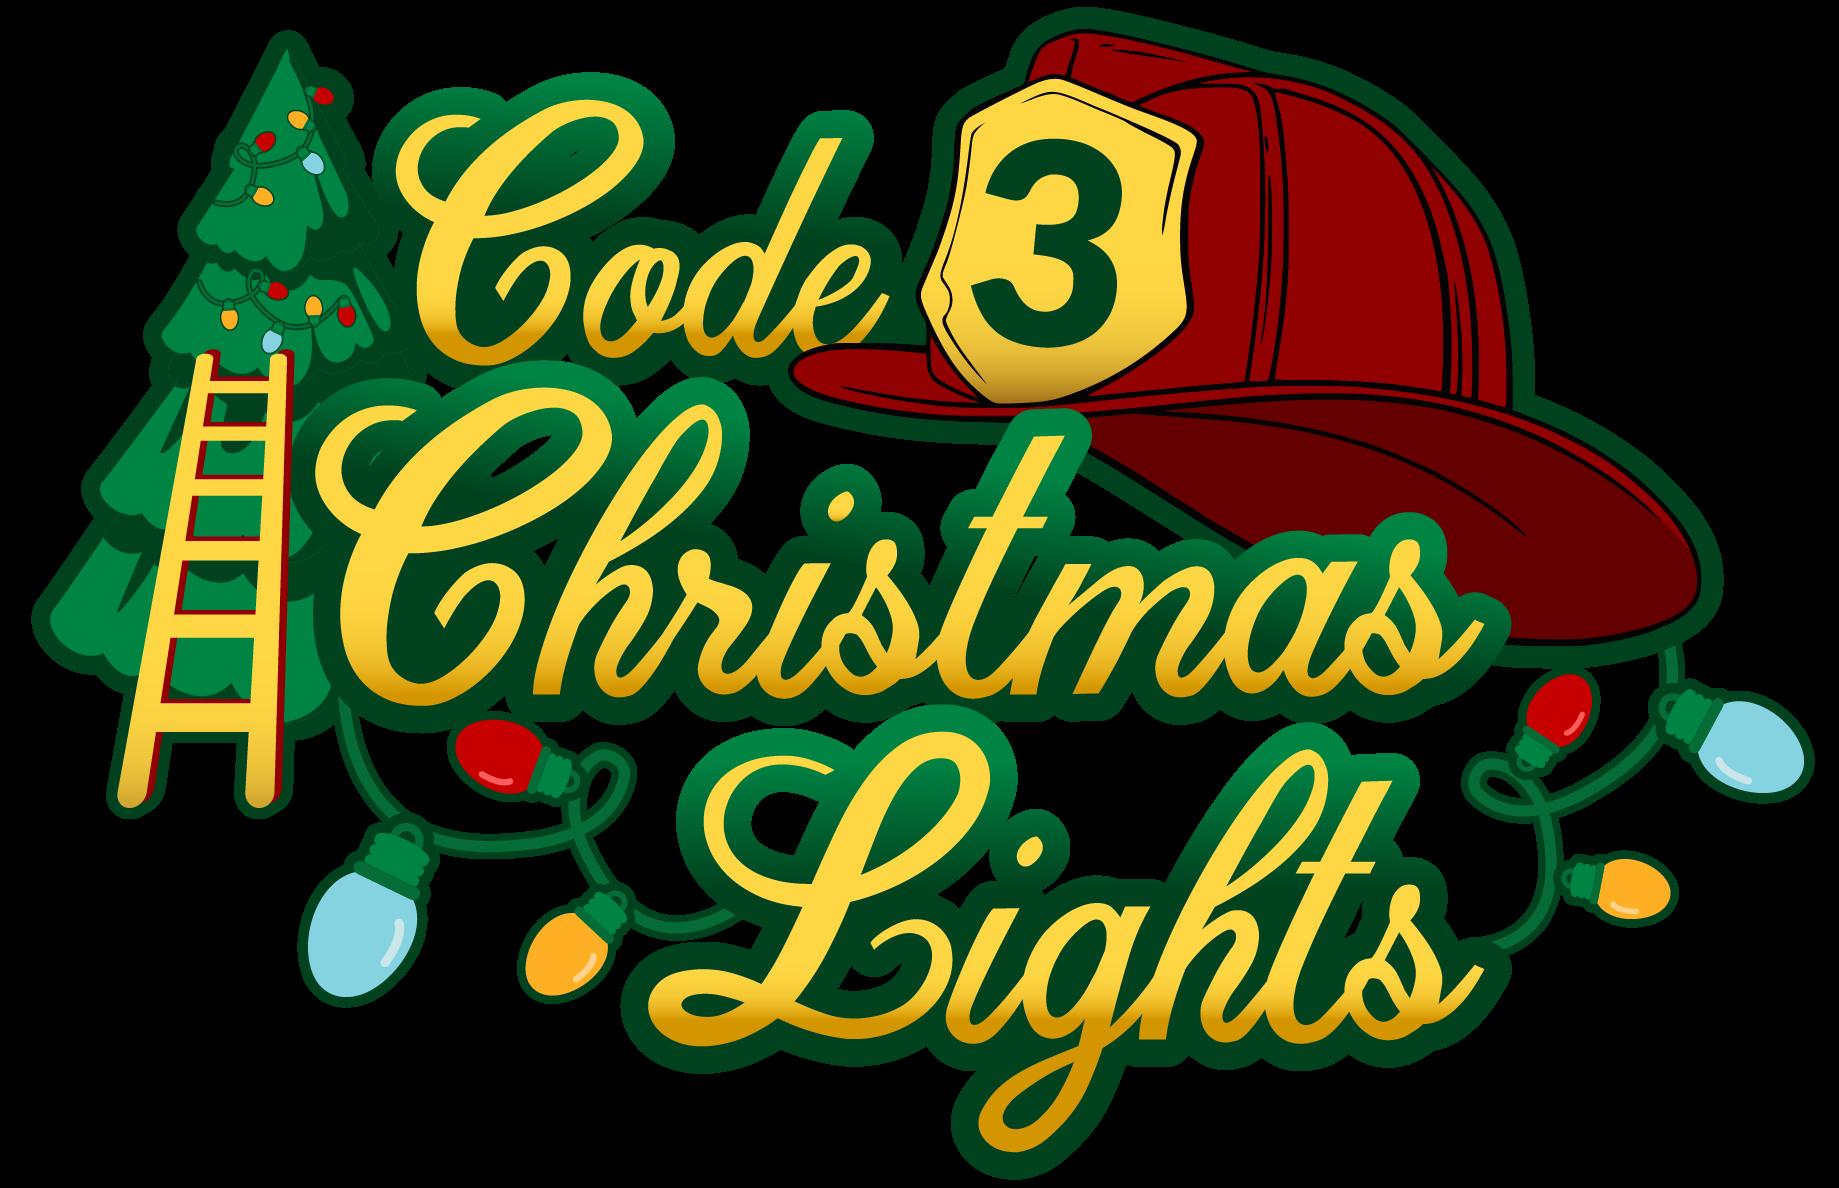 Code 3 Christmas Lights